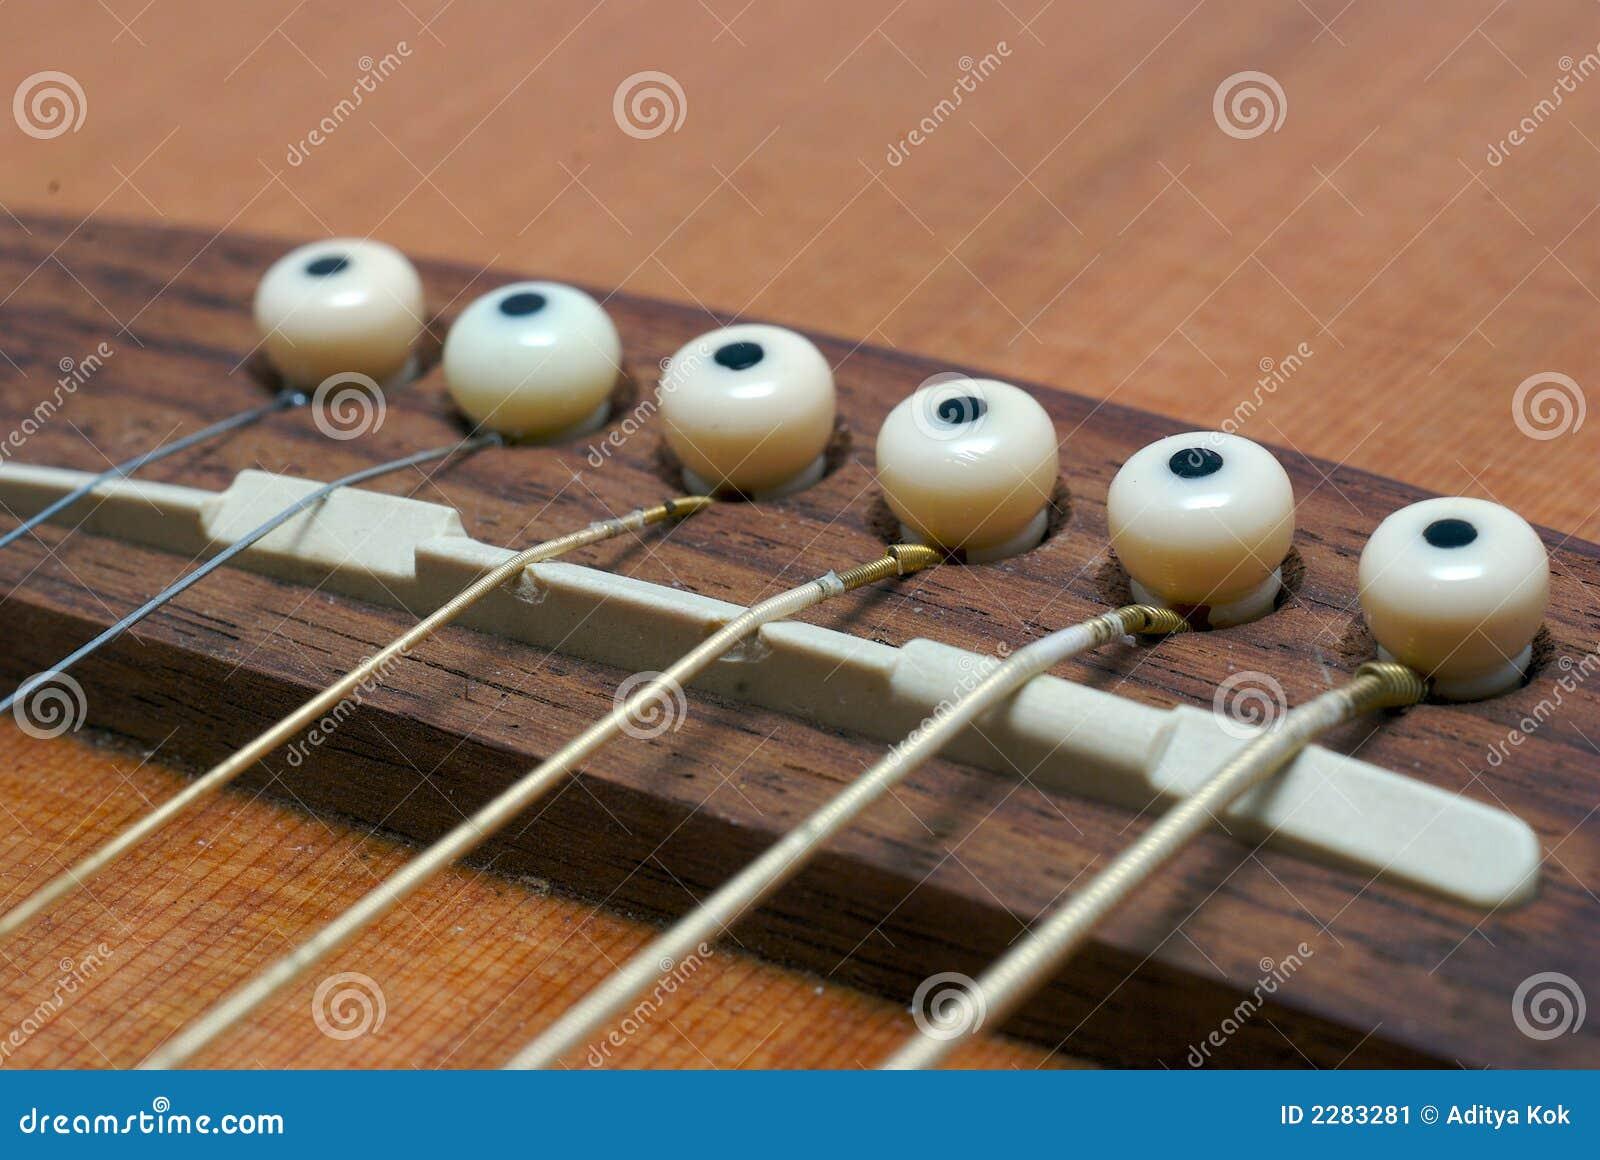 guitar strings stock image image 2283281. Black Bedroom Furniture Sets. Home Design Ideas